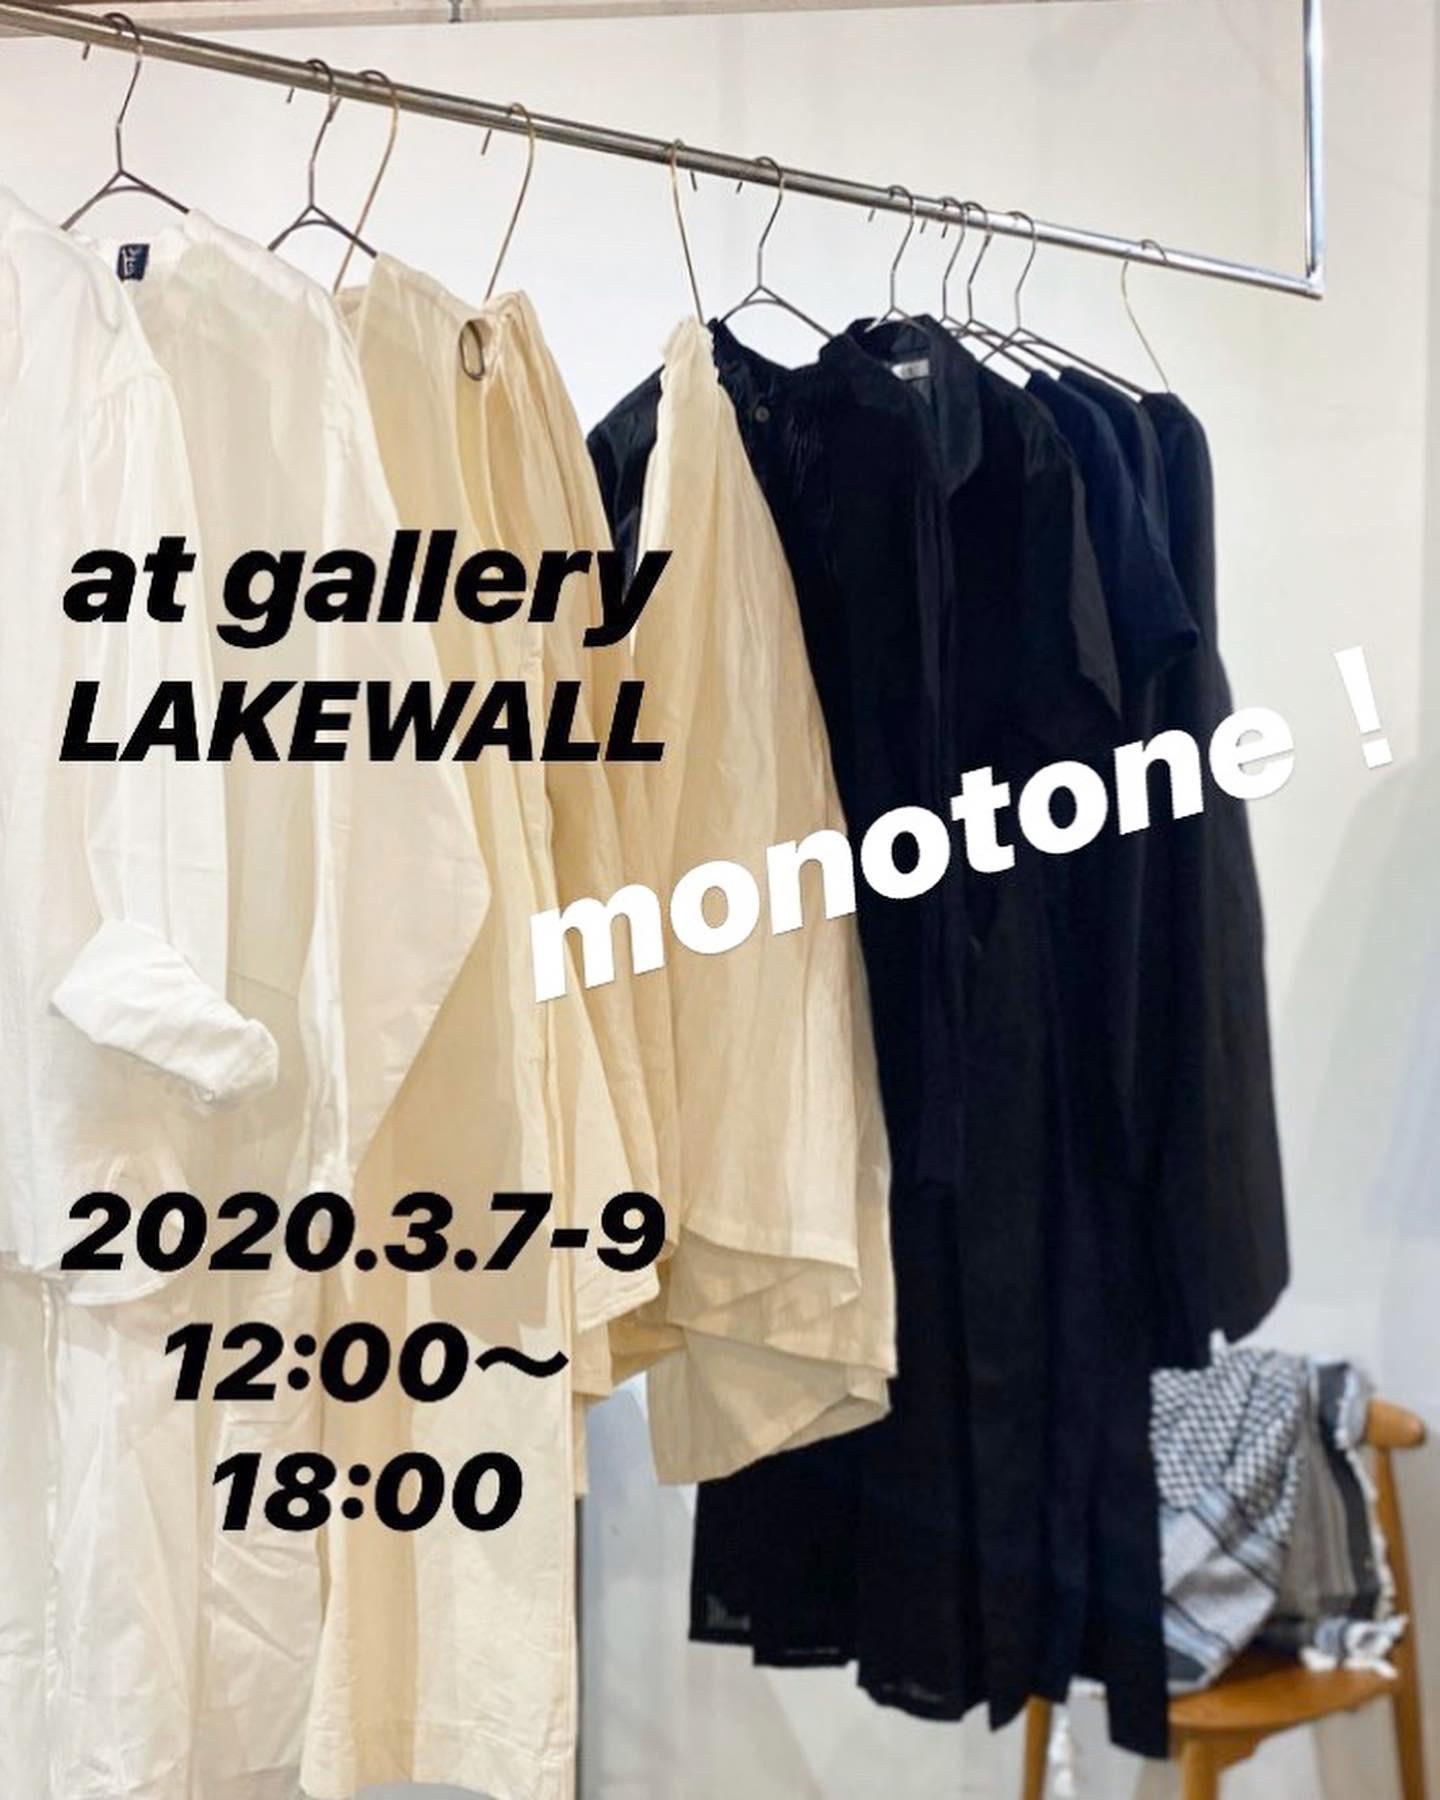 3/7-9 京都 gallery lakewall 企画展のお知らせ_e0291010_07185467.jpeg